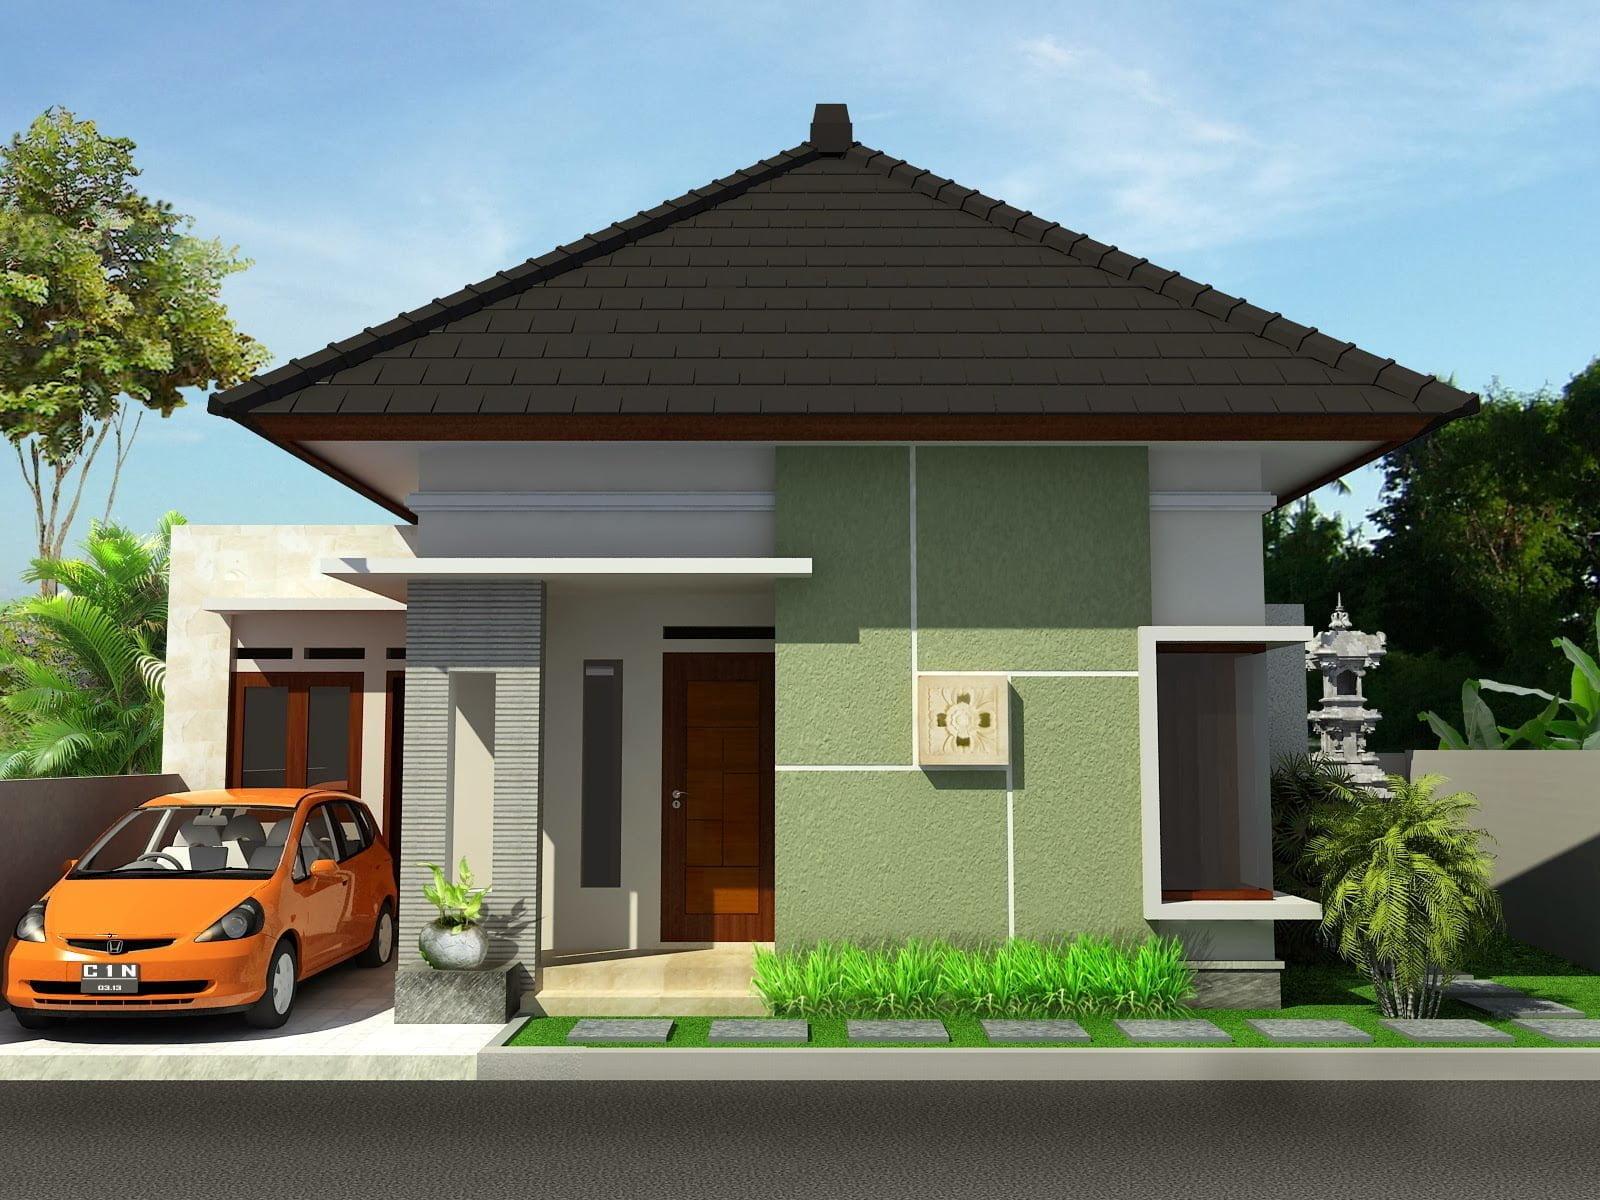 64 Foto Desain Rumah Minimalis Sederhana 20 Juta Paling ...